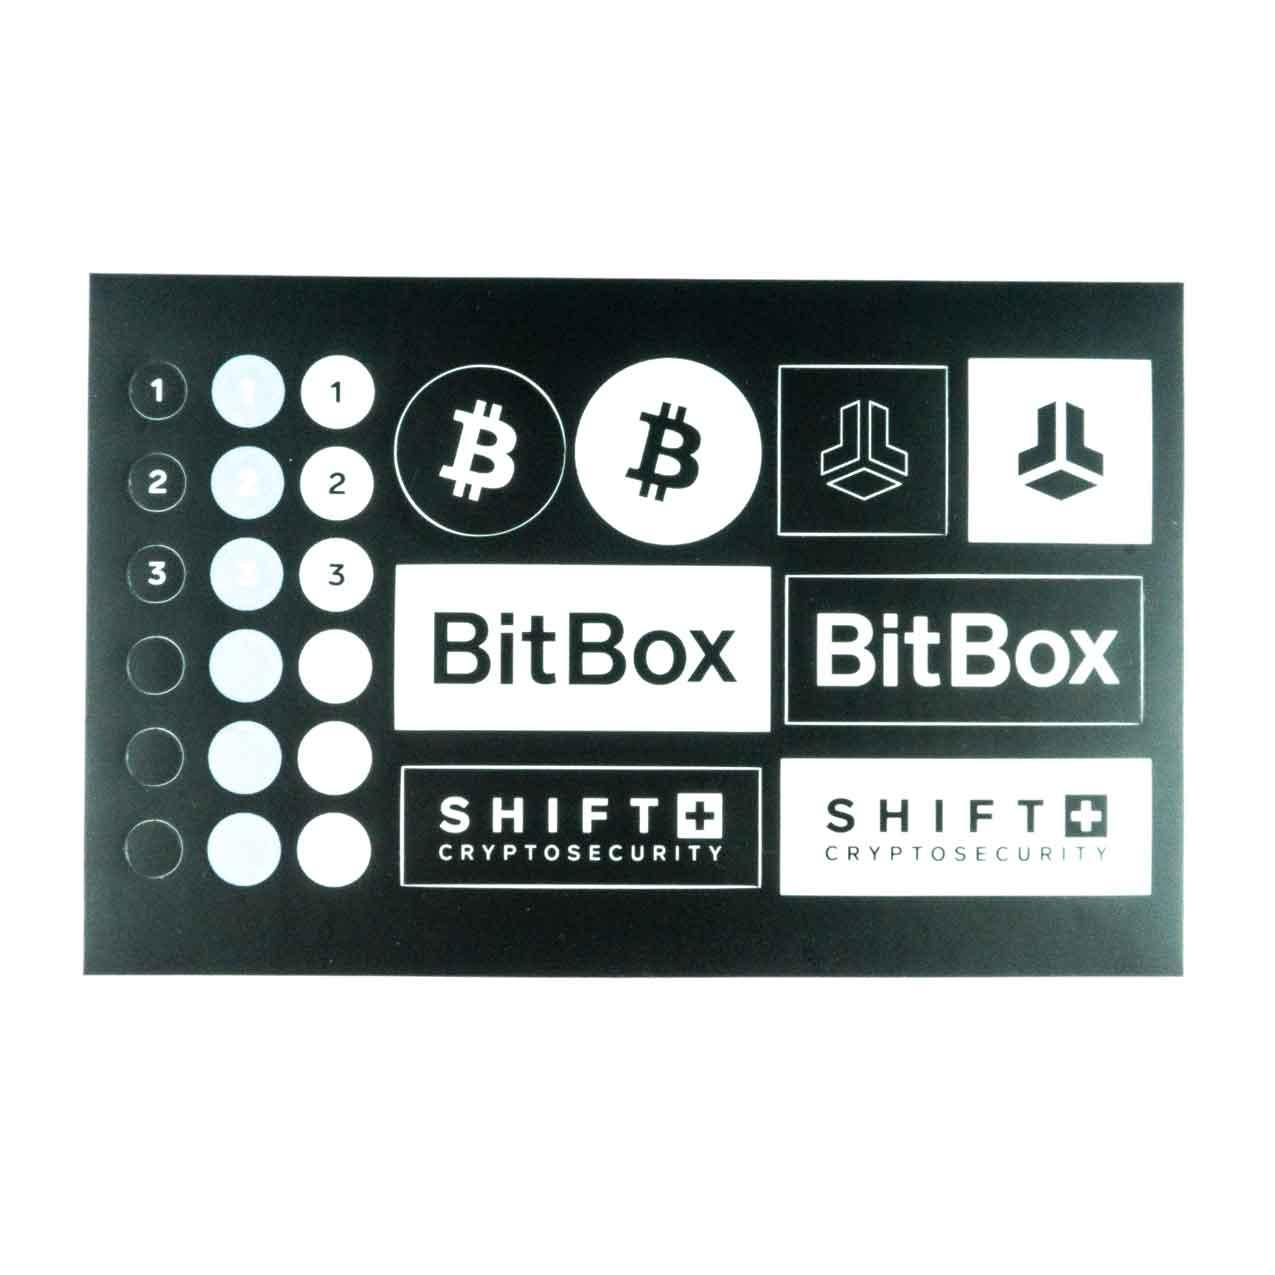 bitbox02_accessories_04-2